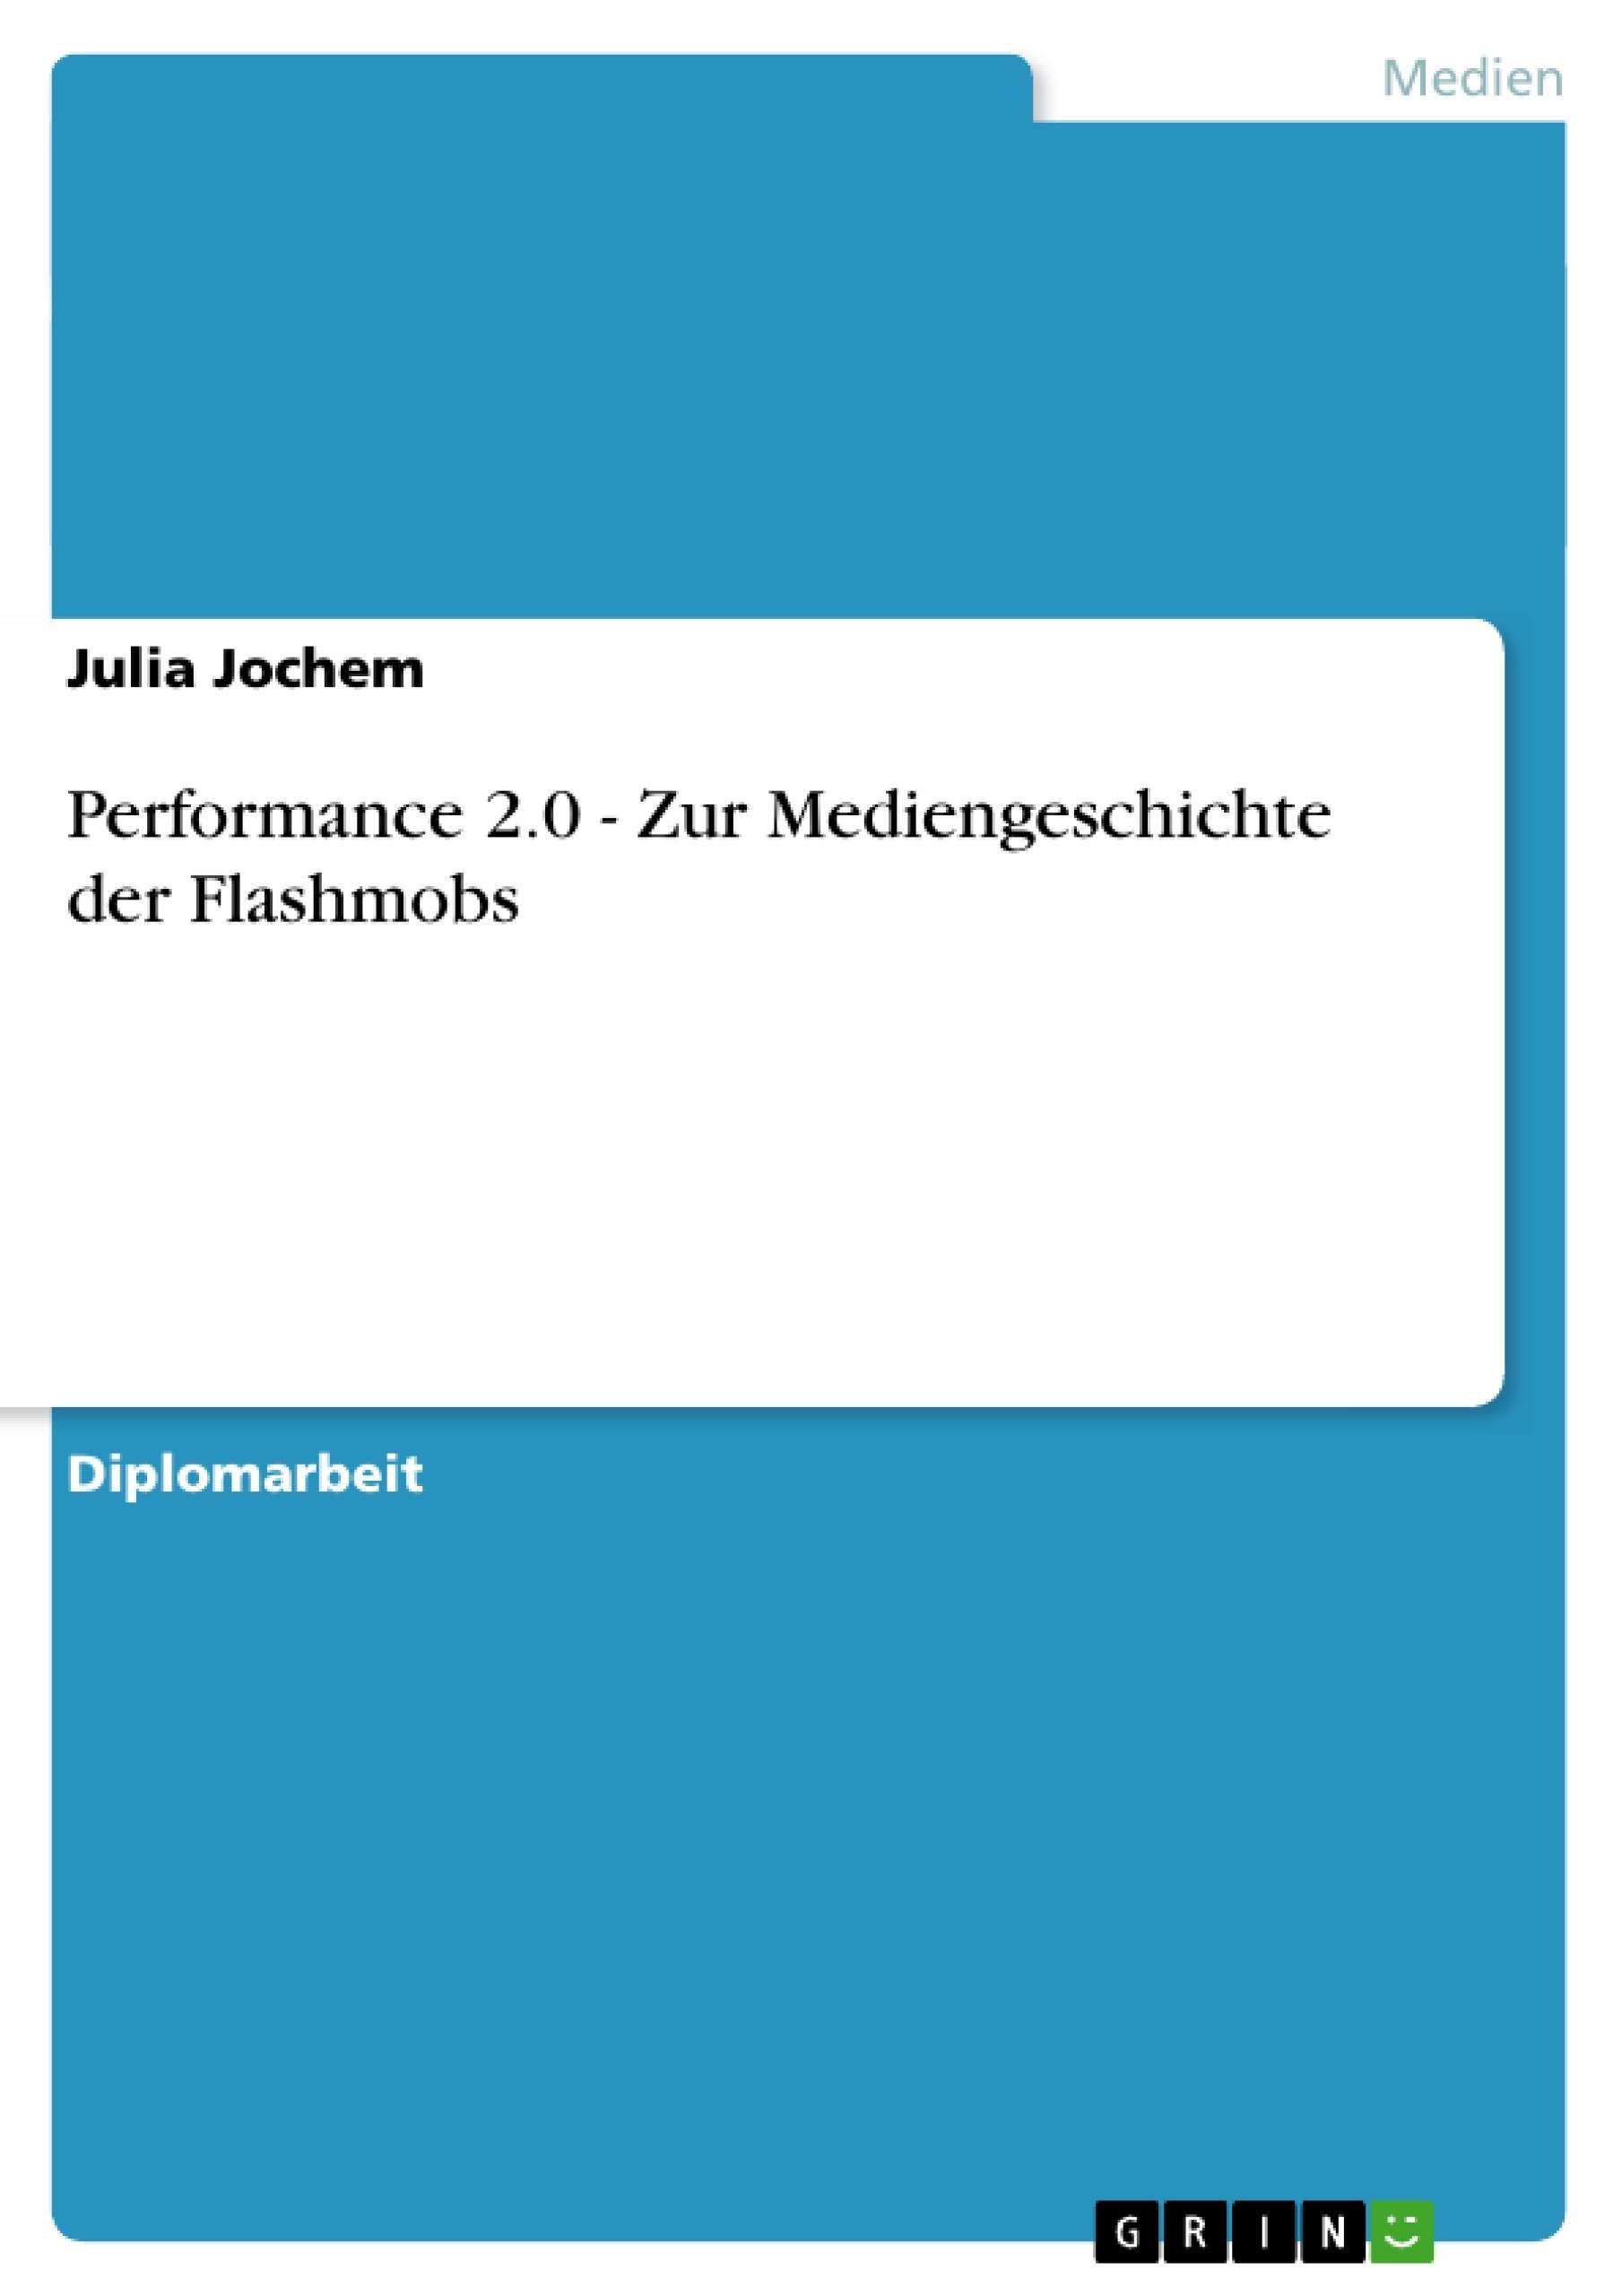 Titel: Performance 2.0 - Zur Mediengeschichte der Flashmobs